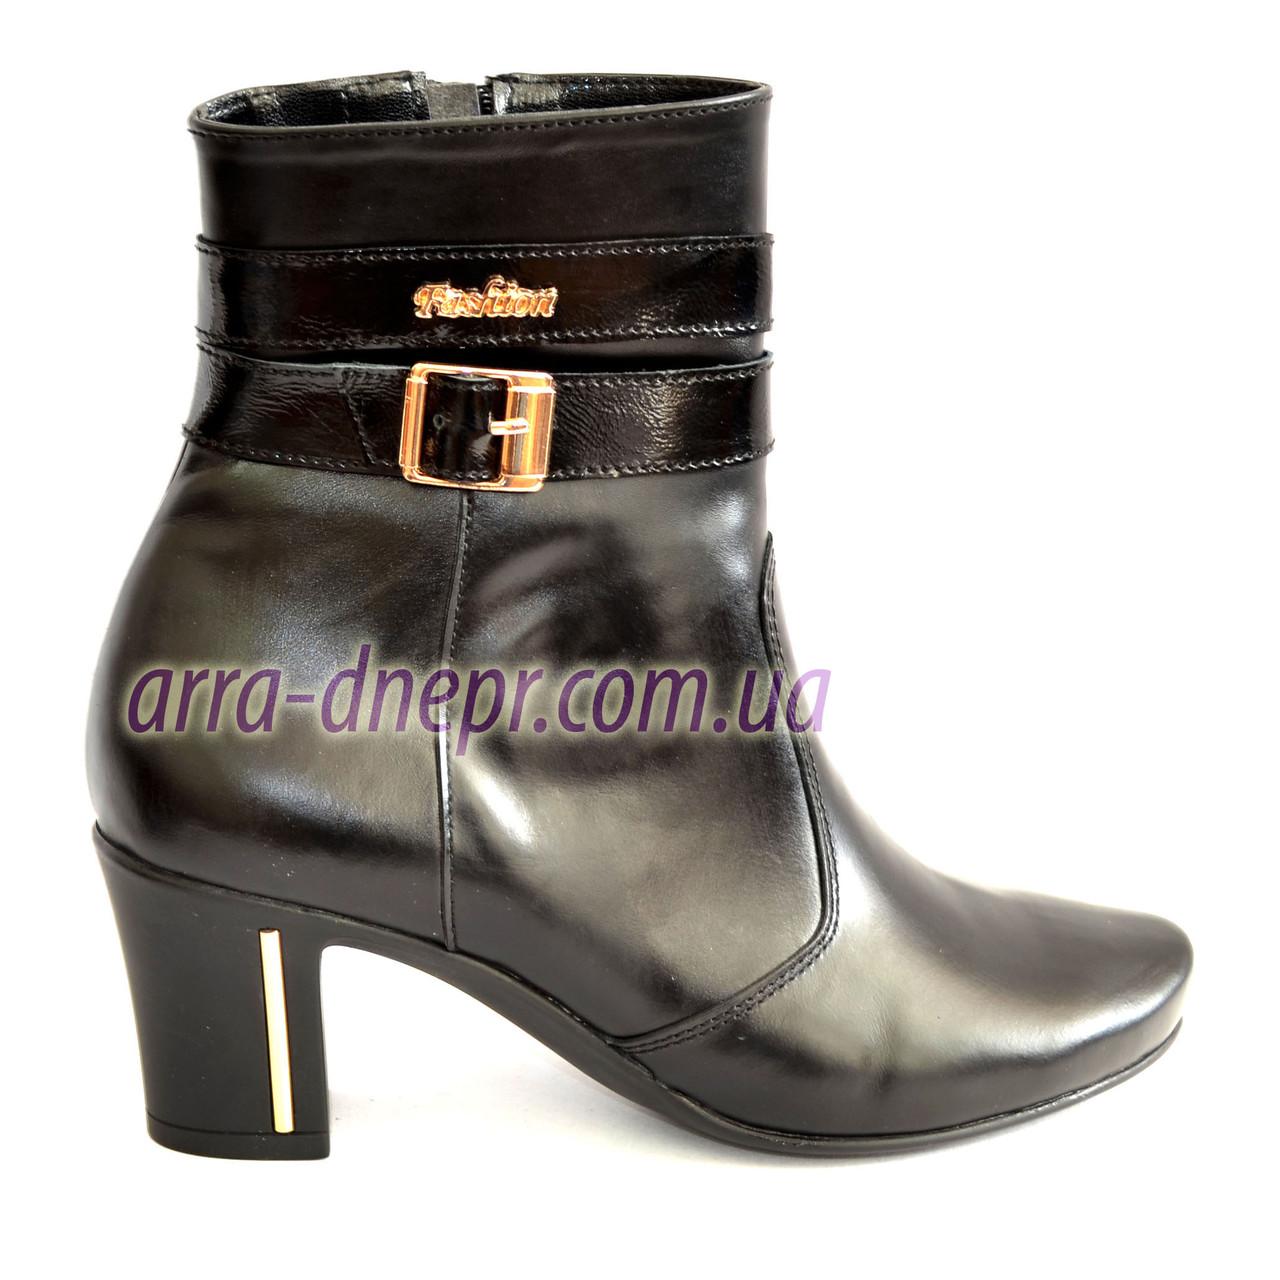 Кожаные женские ботинки зимние на устойчивом каблуке.